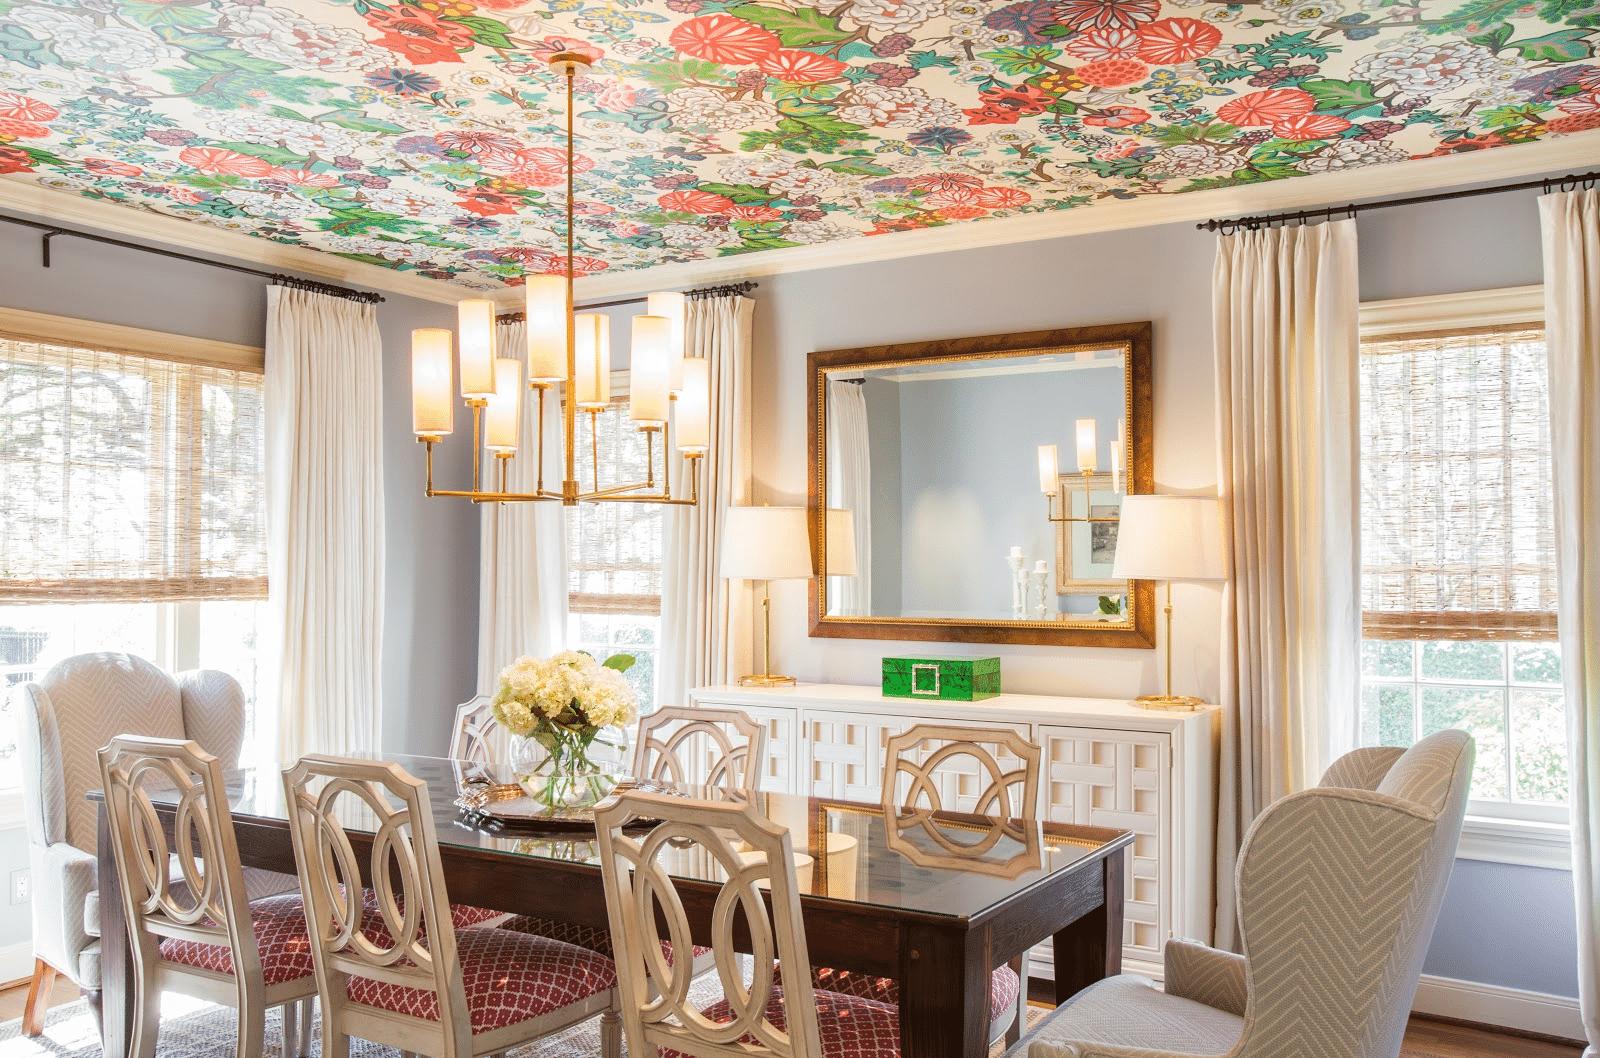 floral ceiling.jpg 2